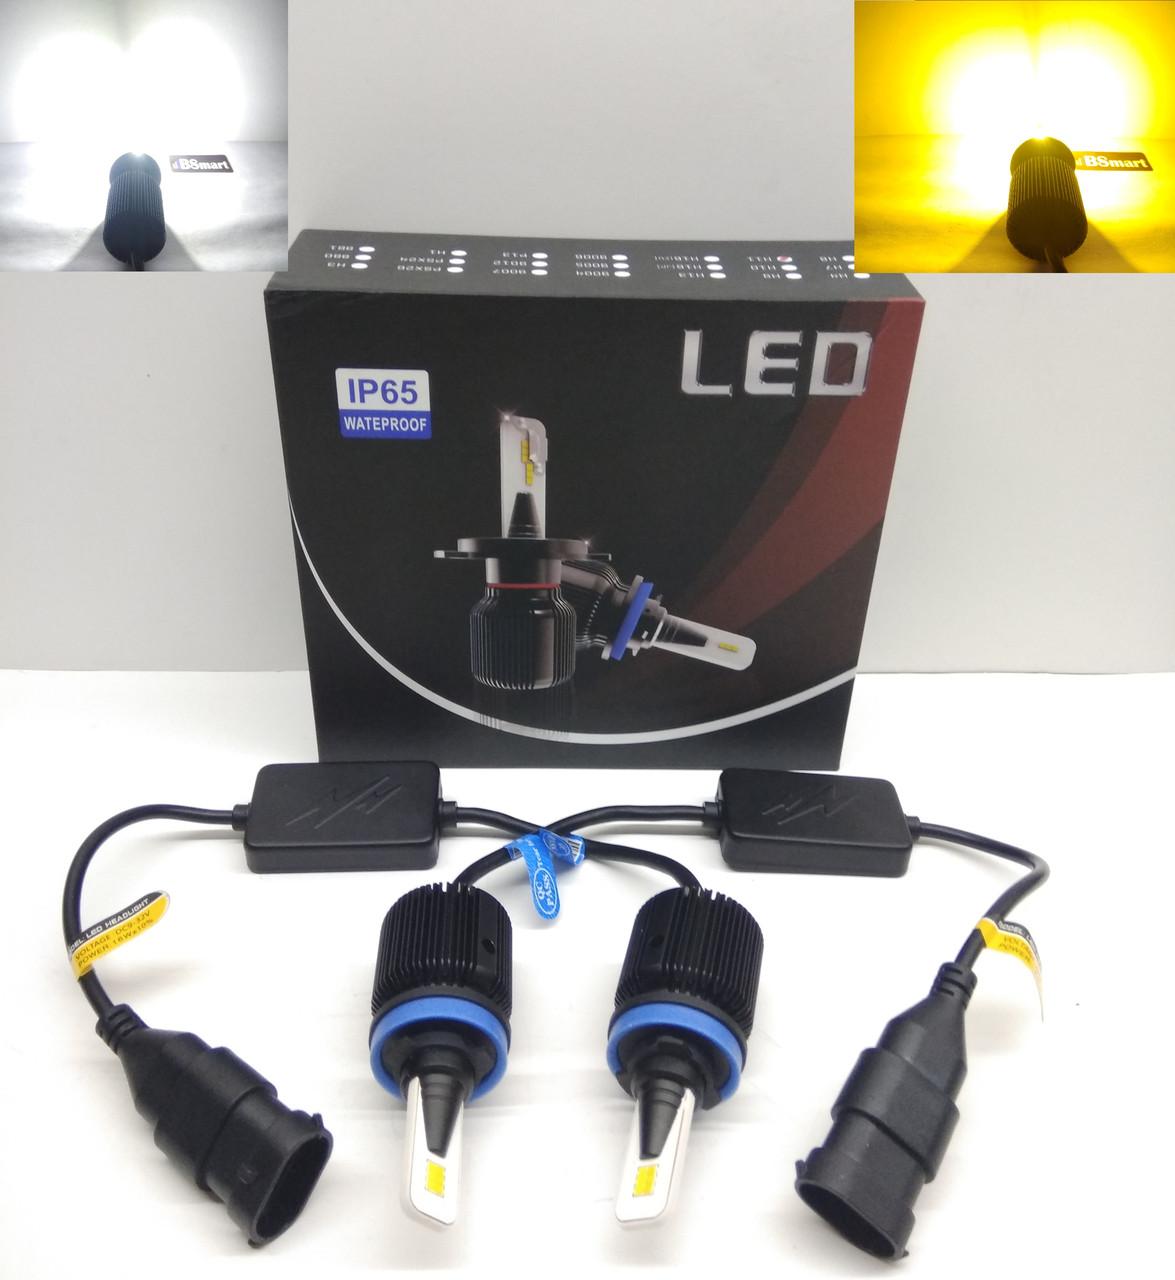 LED автолампы диодные M1 CSP Dual Color, H11, H8, H9, H16JP, белый и желтый, 8000LM, 40W, 9-32V